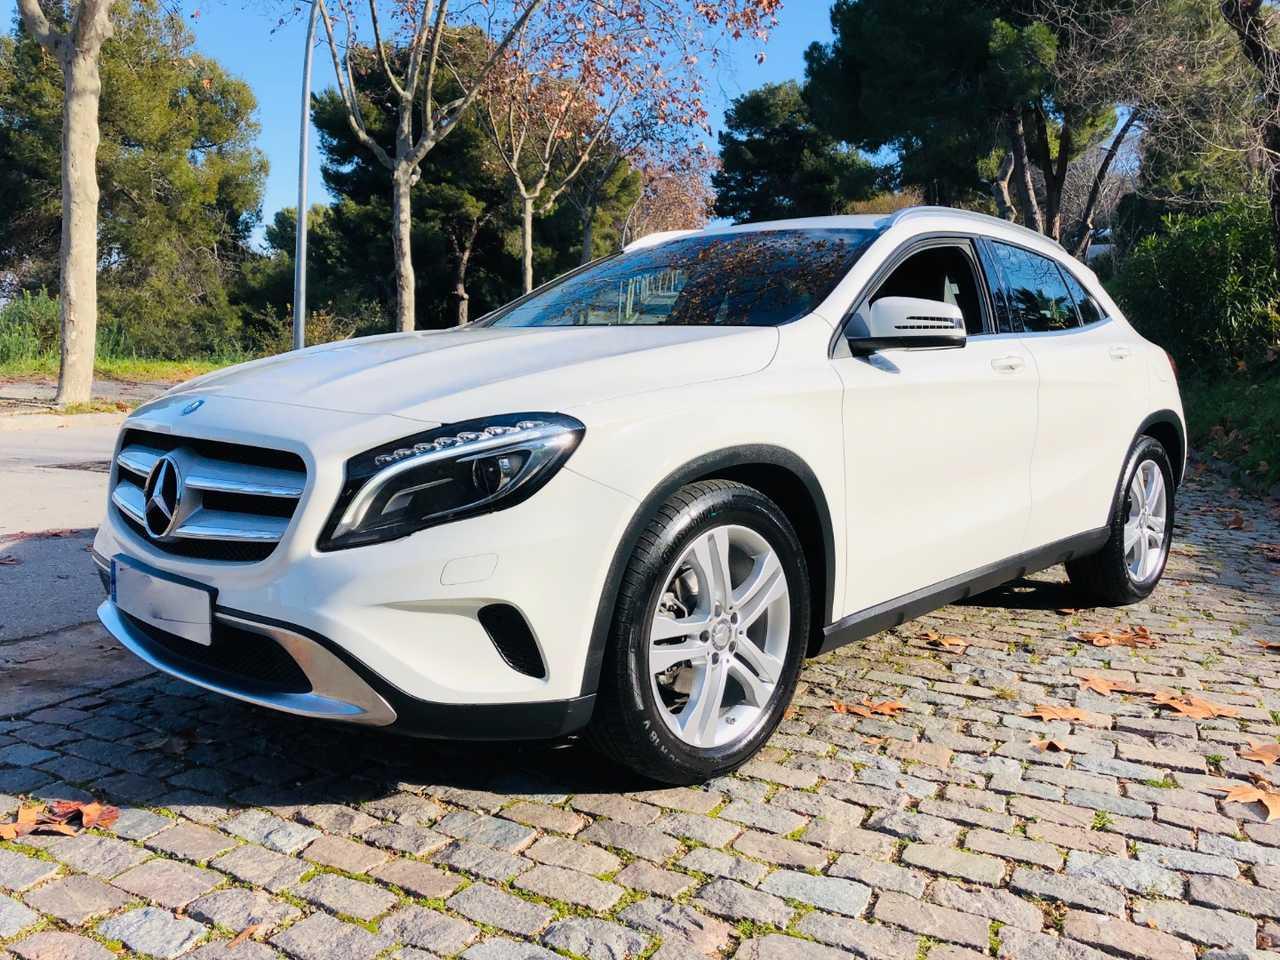 Mercedes GLA 220 cdi 170cv 7G. 2 años garantía oficial.   - Foto 1